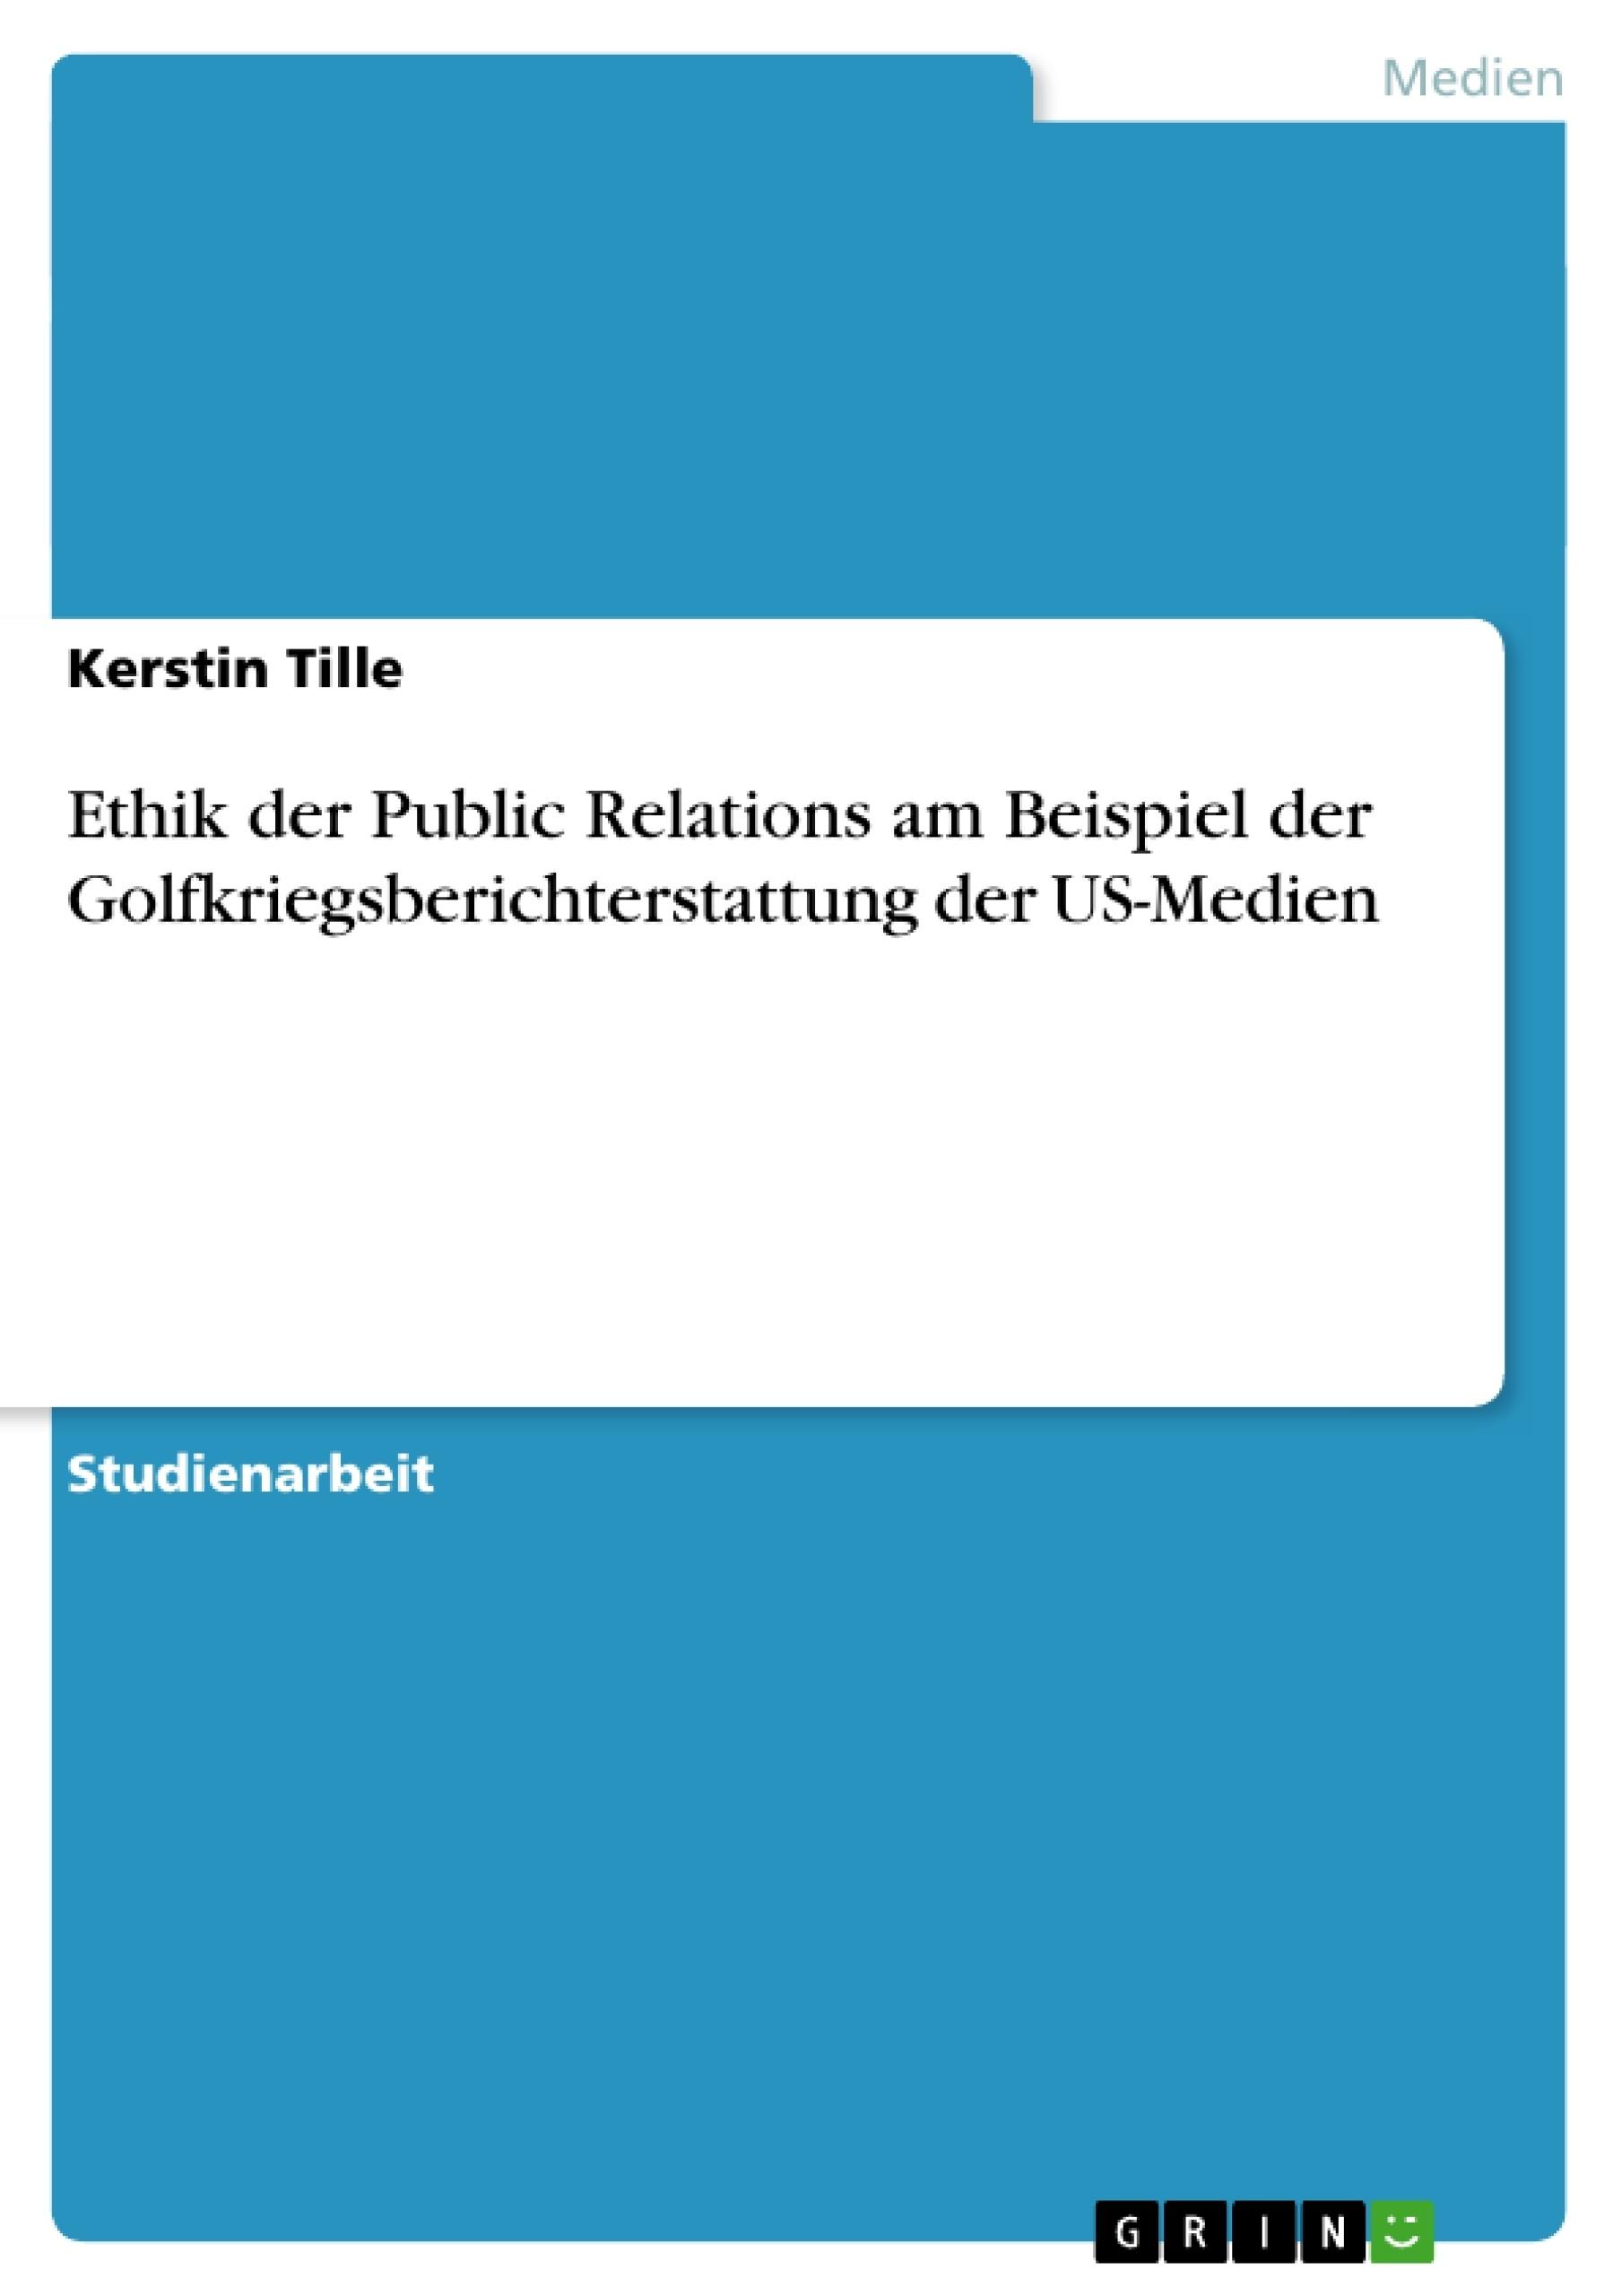 Titel: Ethik der Public Relations am Beispiel der Golfkriegsberichterstattung der US-Medien